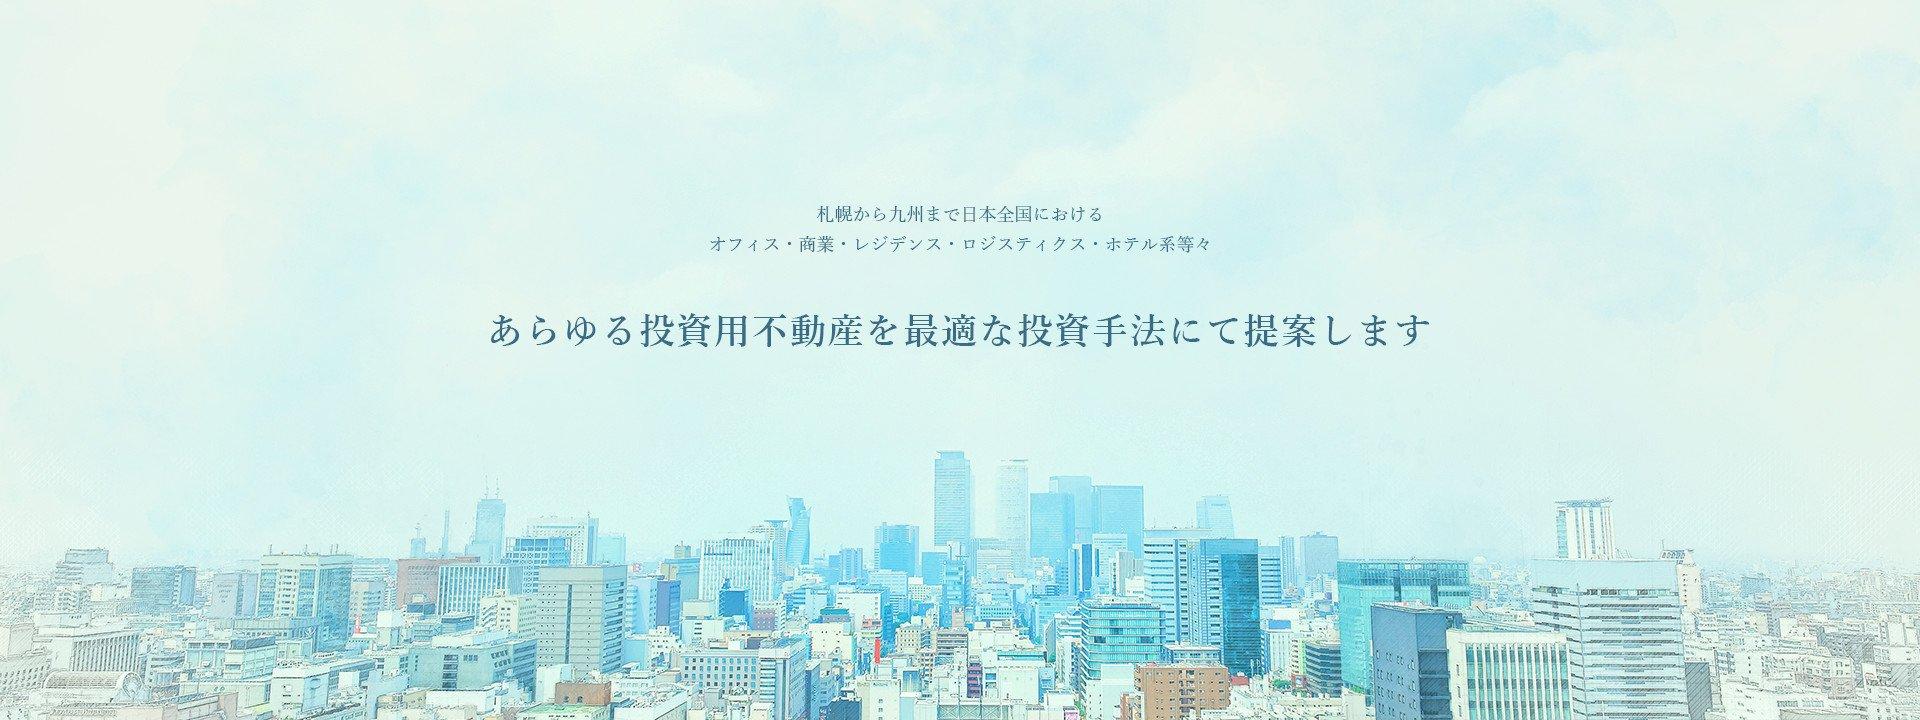 札幌から九州まで日本全国におけるオフィス・商業・レジデンス・ロジスティクス・ホテル系等々、あらゆる投資用不動産を最適な投資手法にて提案します